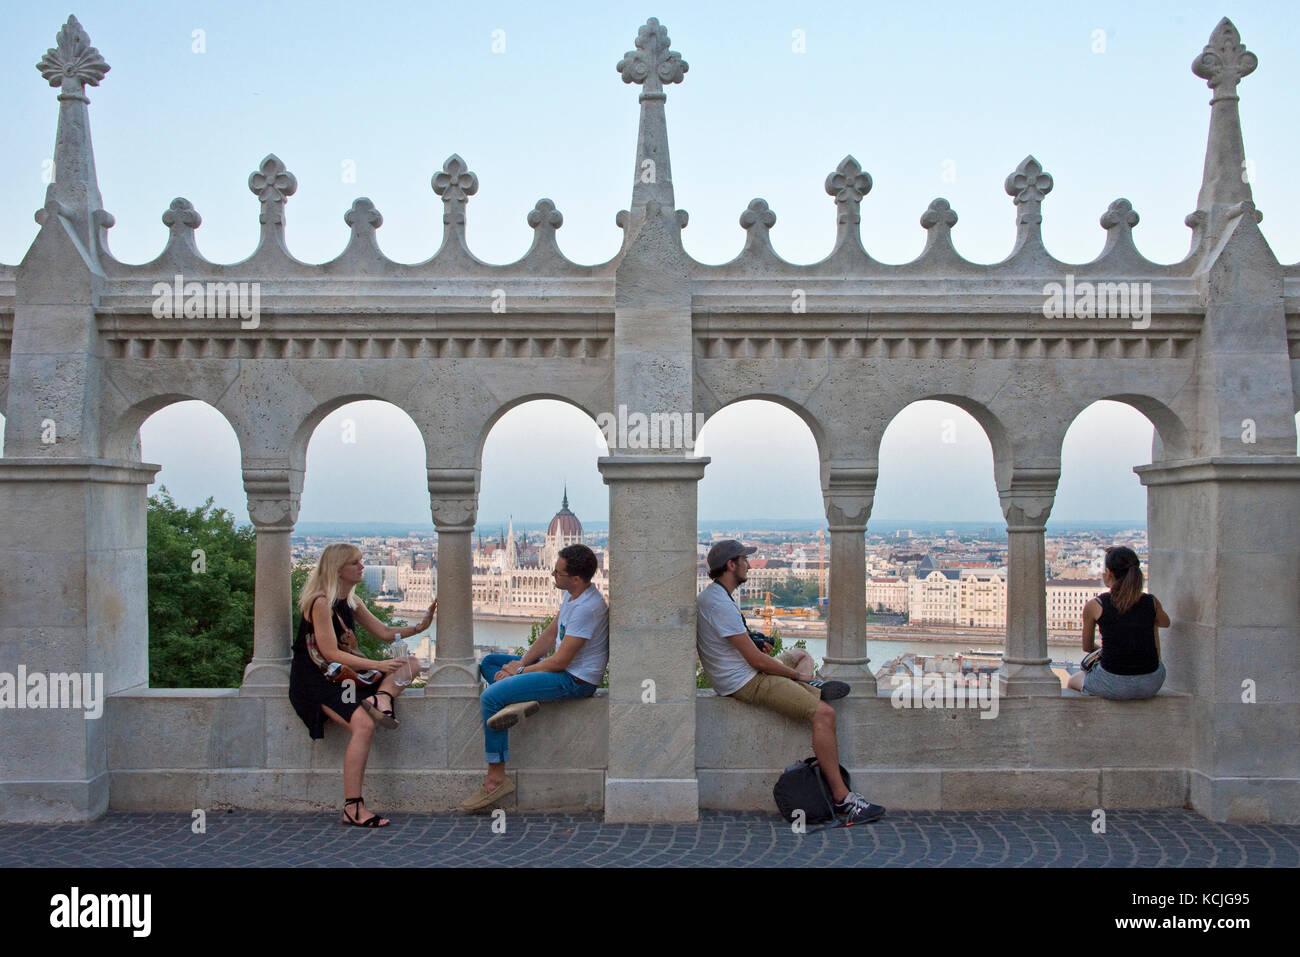 4 cuatro personas, dos parejas de turistas sobre las paredes del bastión de los pescadores, admirando las vistas Imagen De Stock